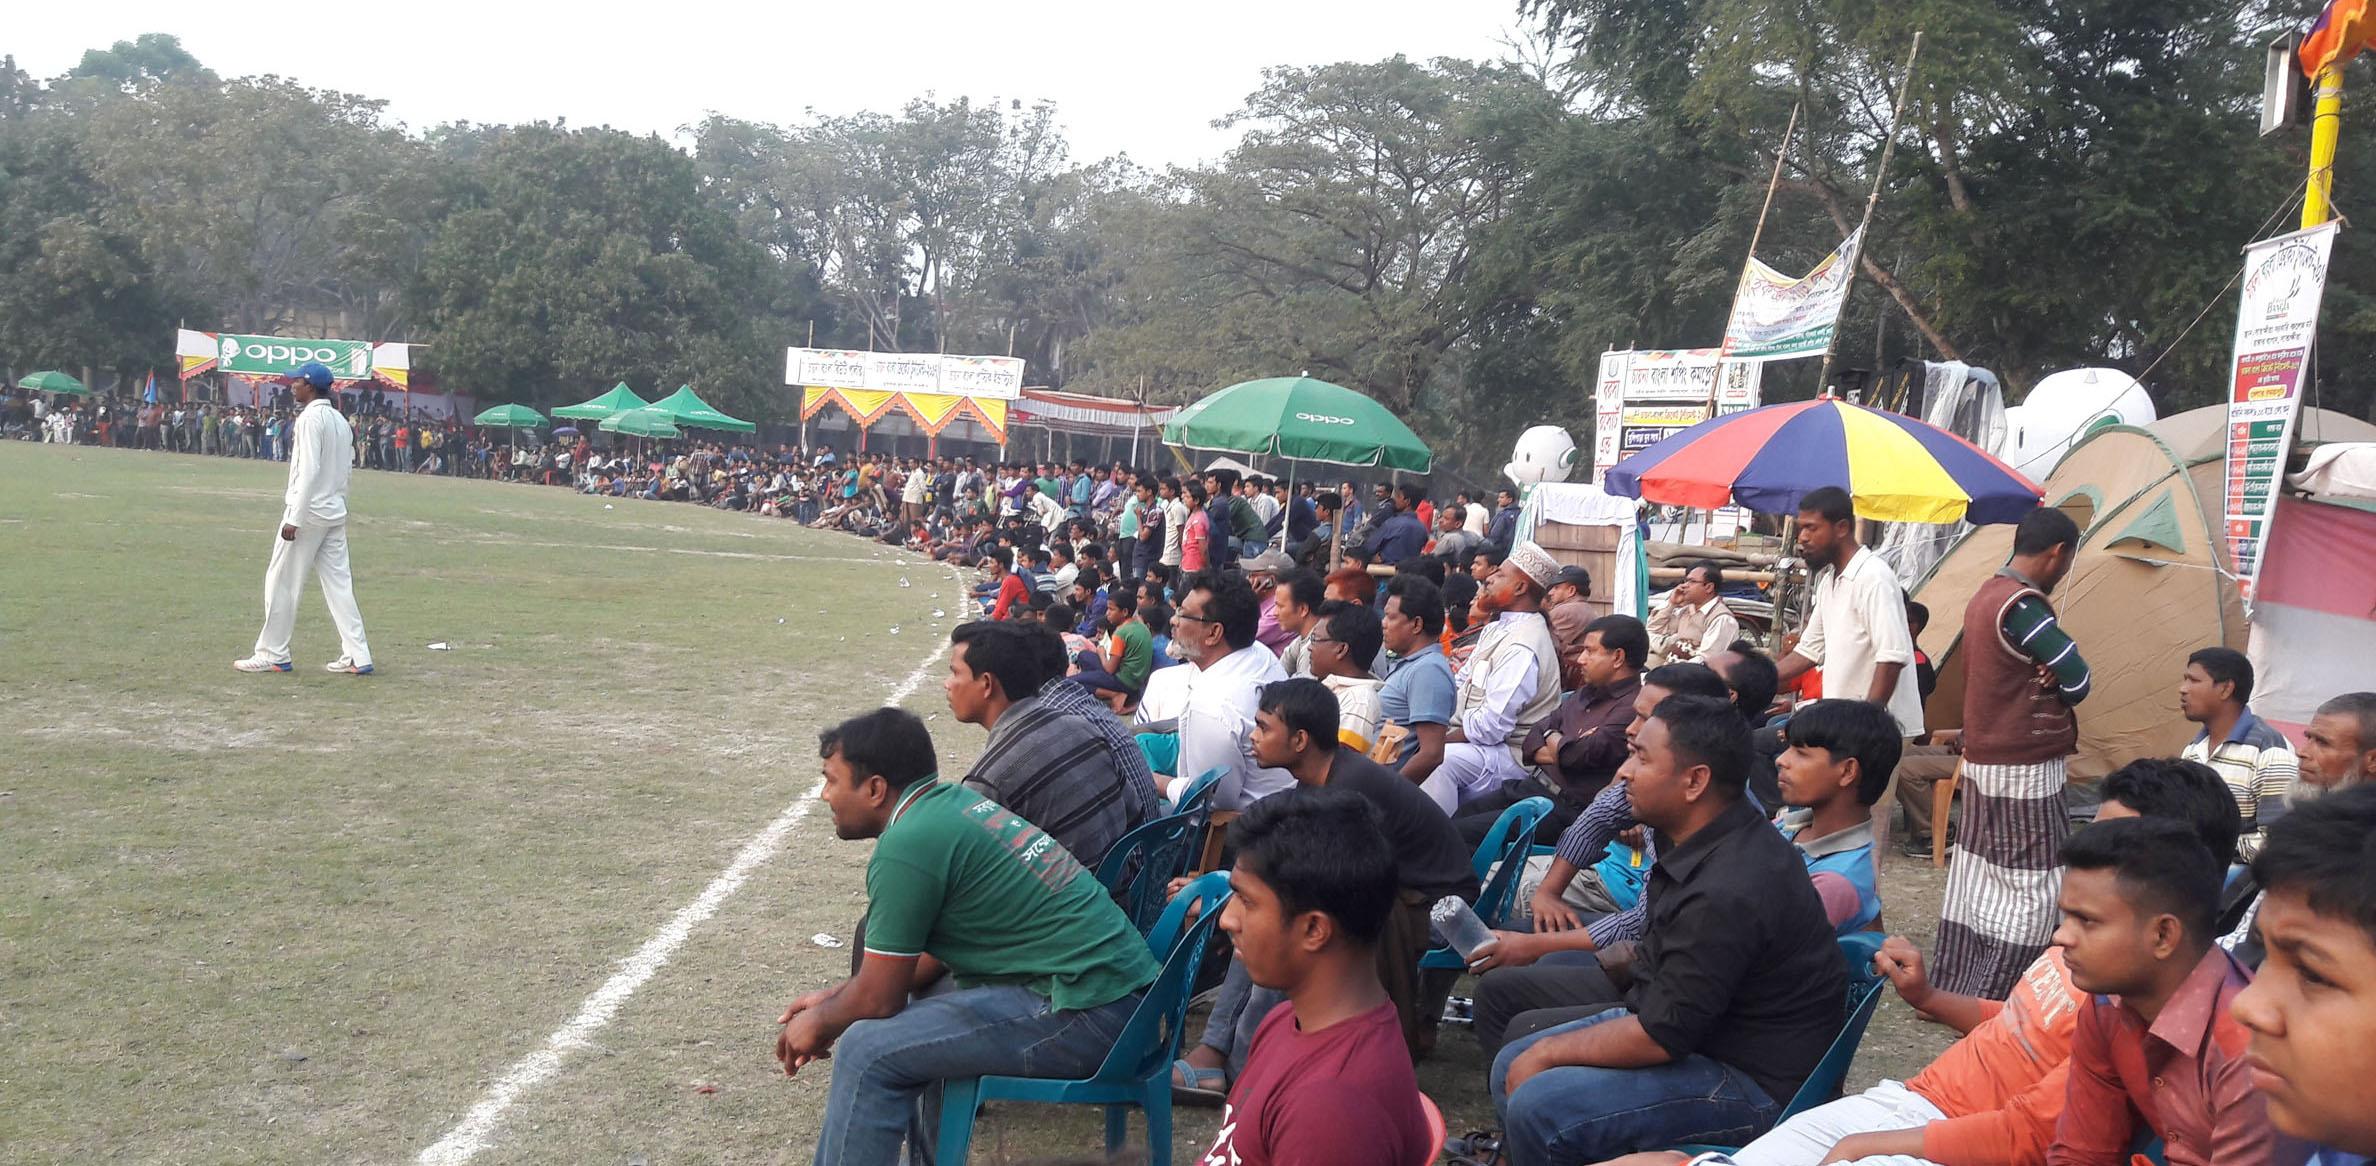 সাতক্ষীরায় চায়না বাংলা ক্রিকেট টুর্নামেন্টের প্রথম সেমিতে জয় পেয়েছে টাউন স্পোটিং ক্লাব